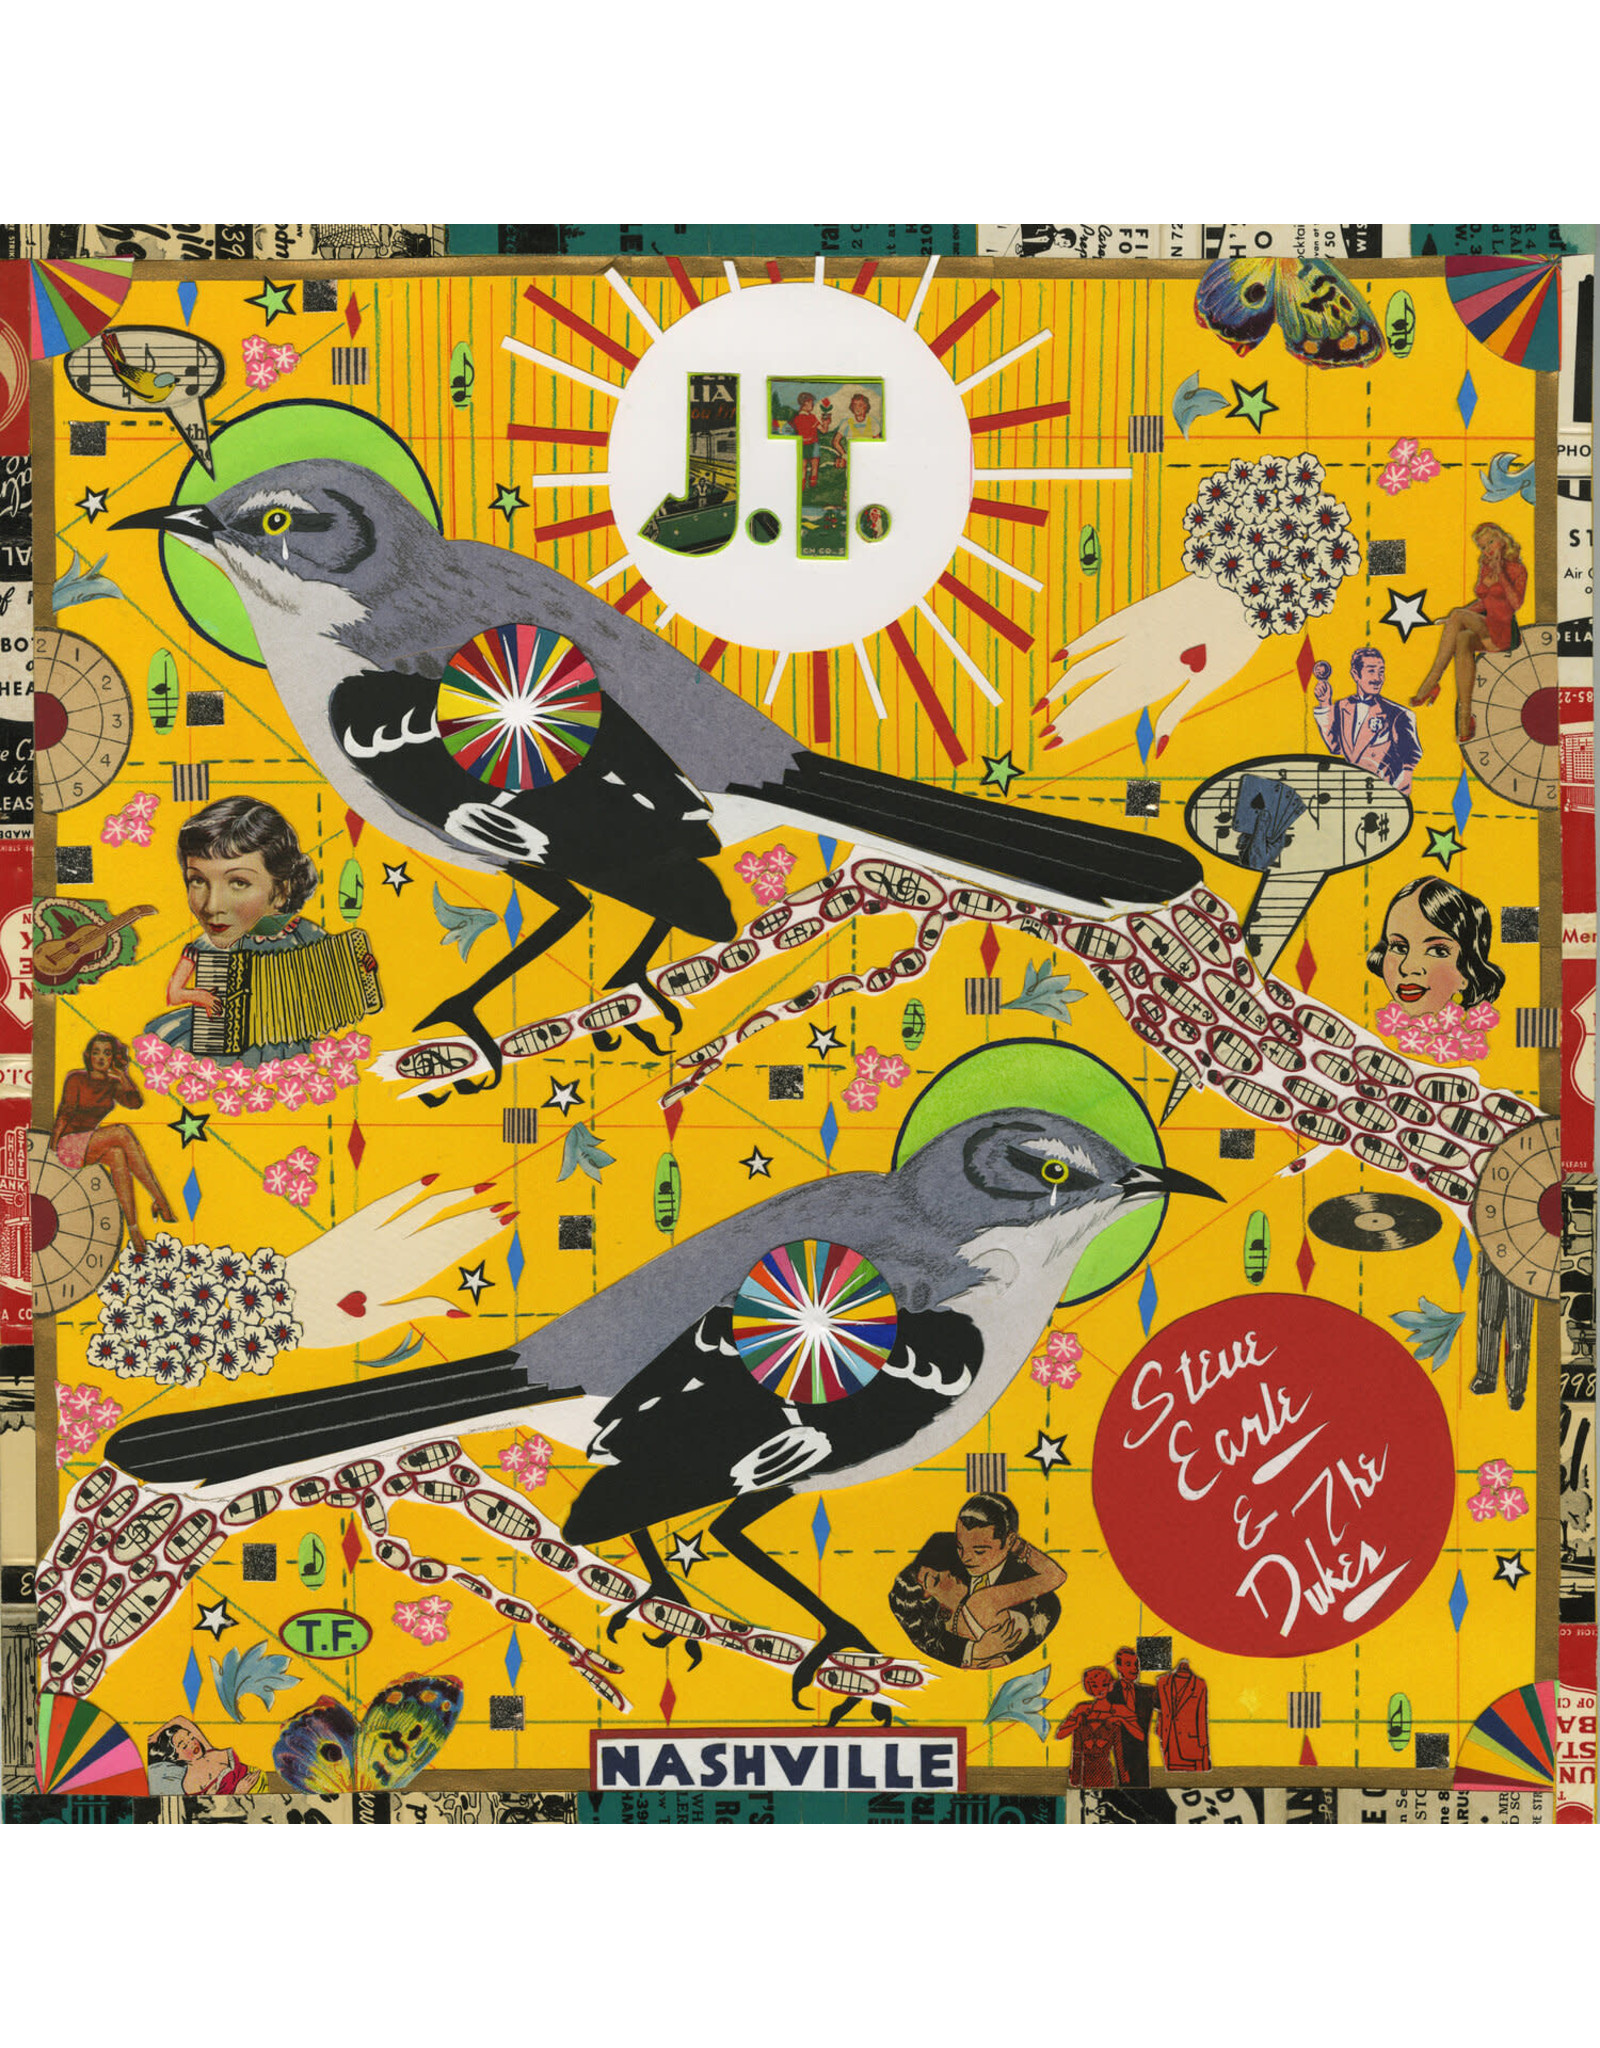 Earle, Steve and the Dukes - J.T. LP (Red Vinyl)